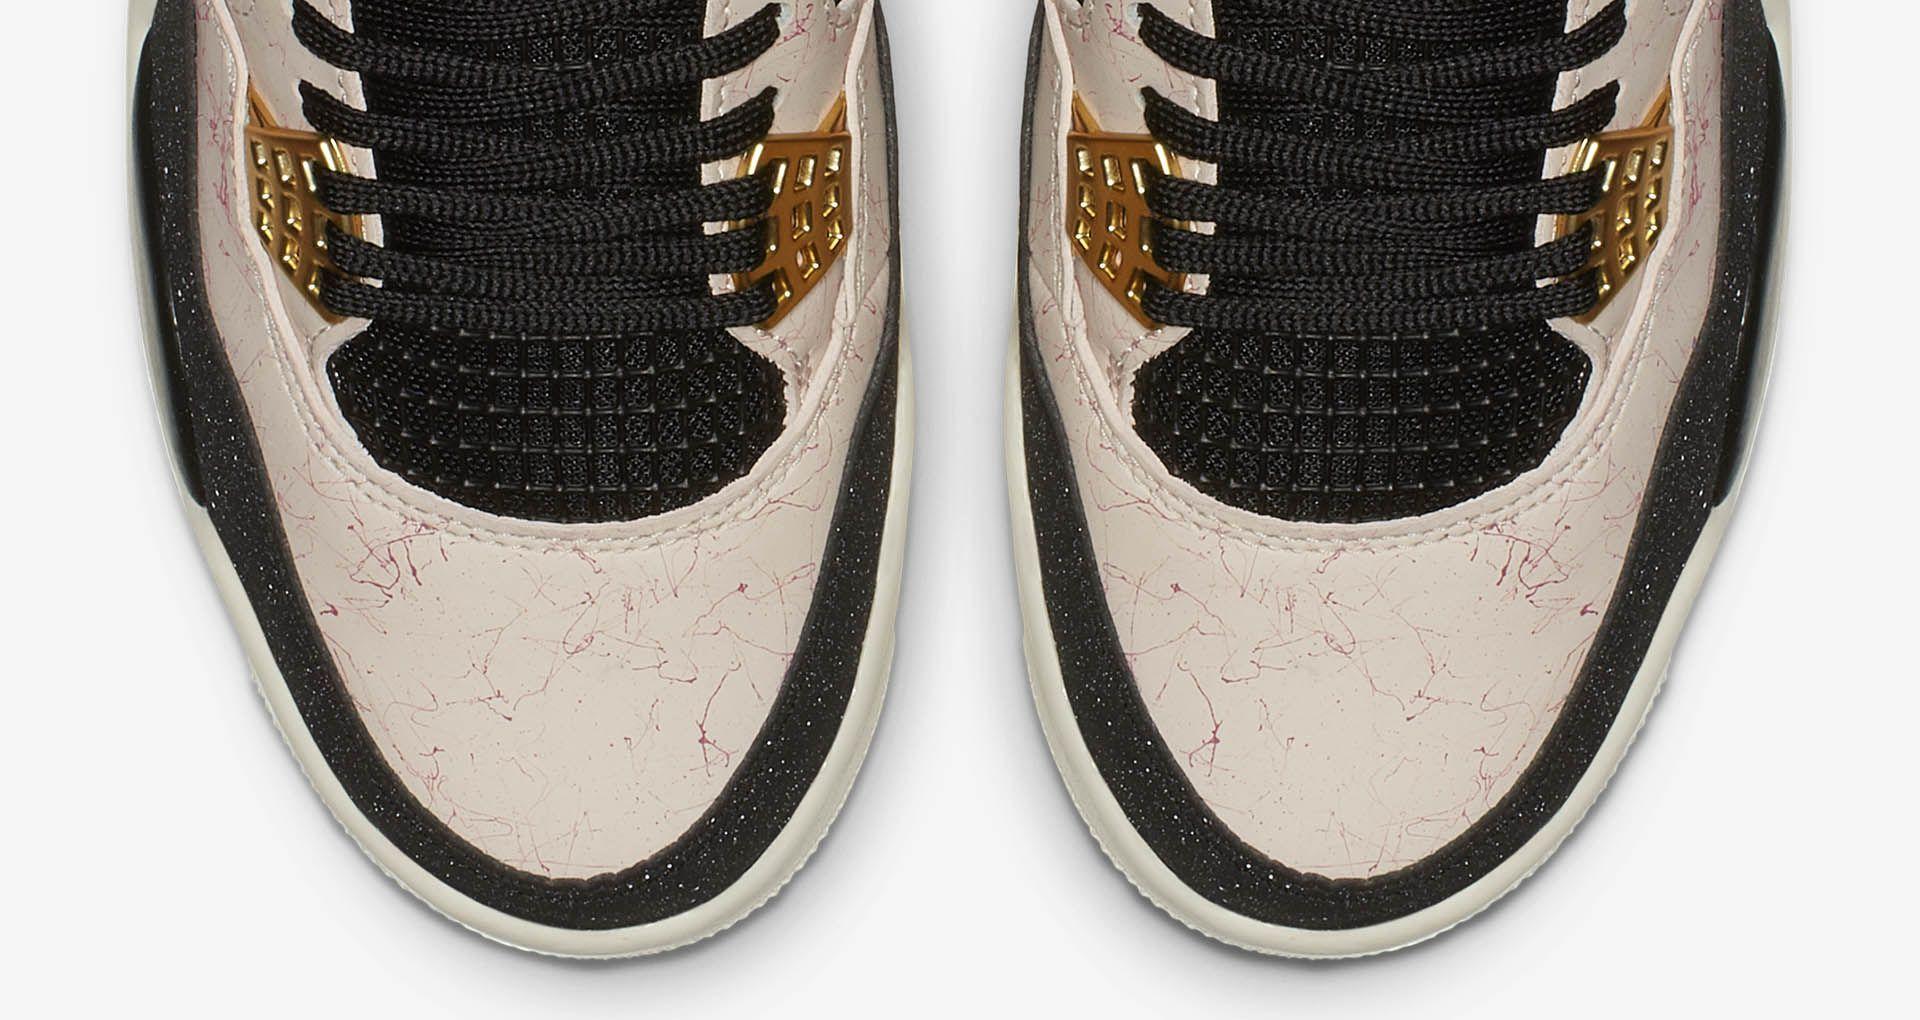 afcc1c1cf13 Nike Women s Air Jordan 4 Splatter Pack  Stilstone Red  Release Date ...